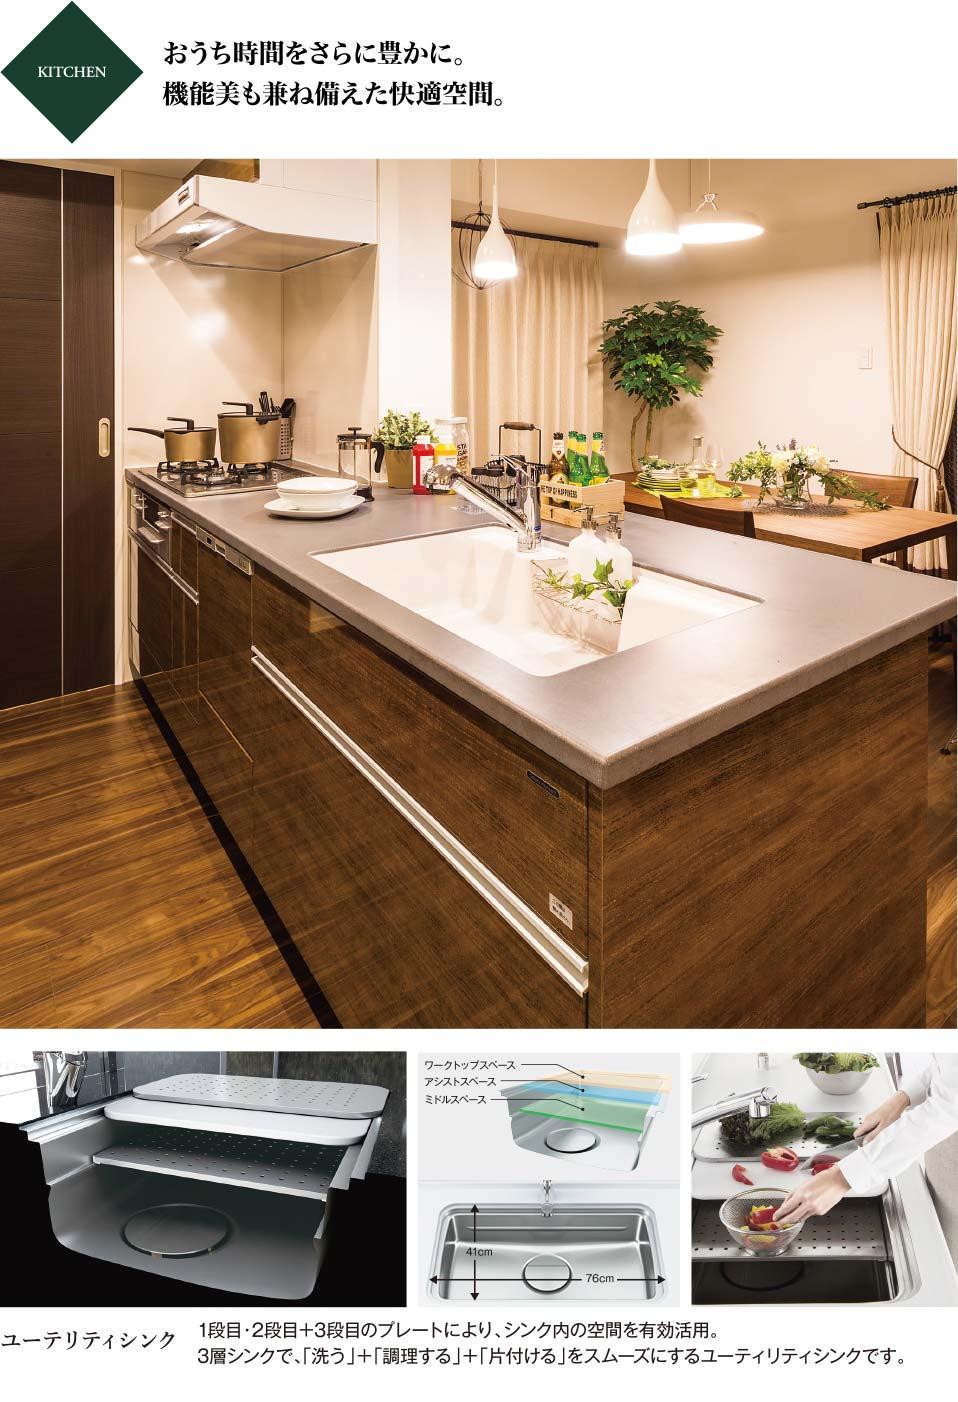 設備仕様キッチン01